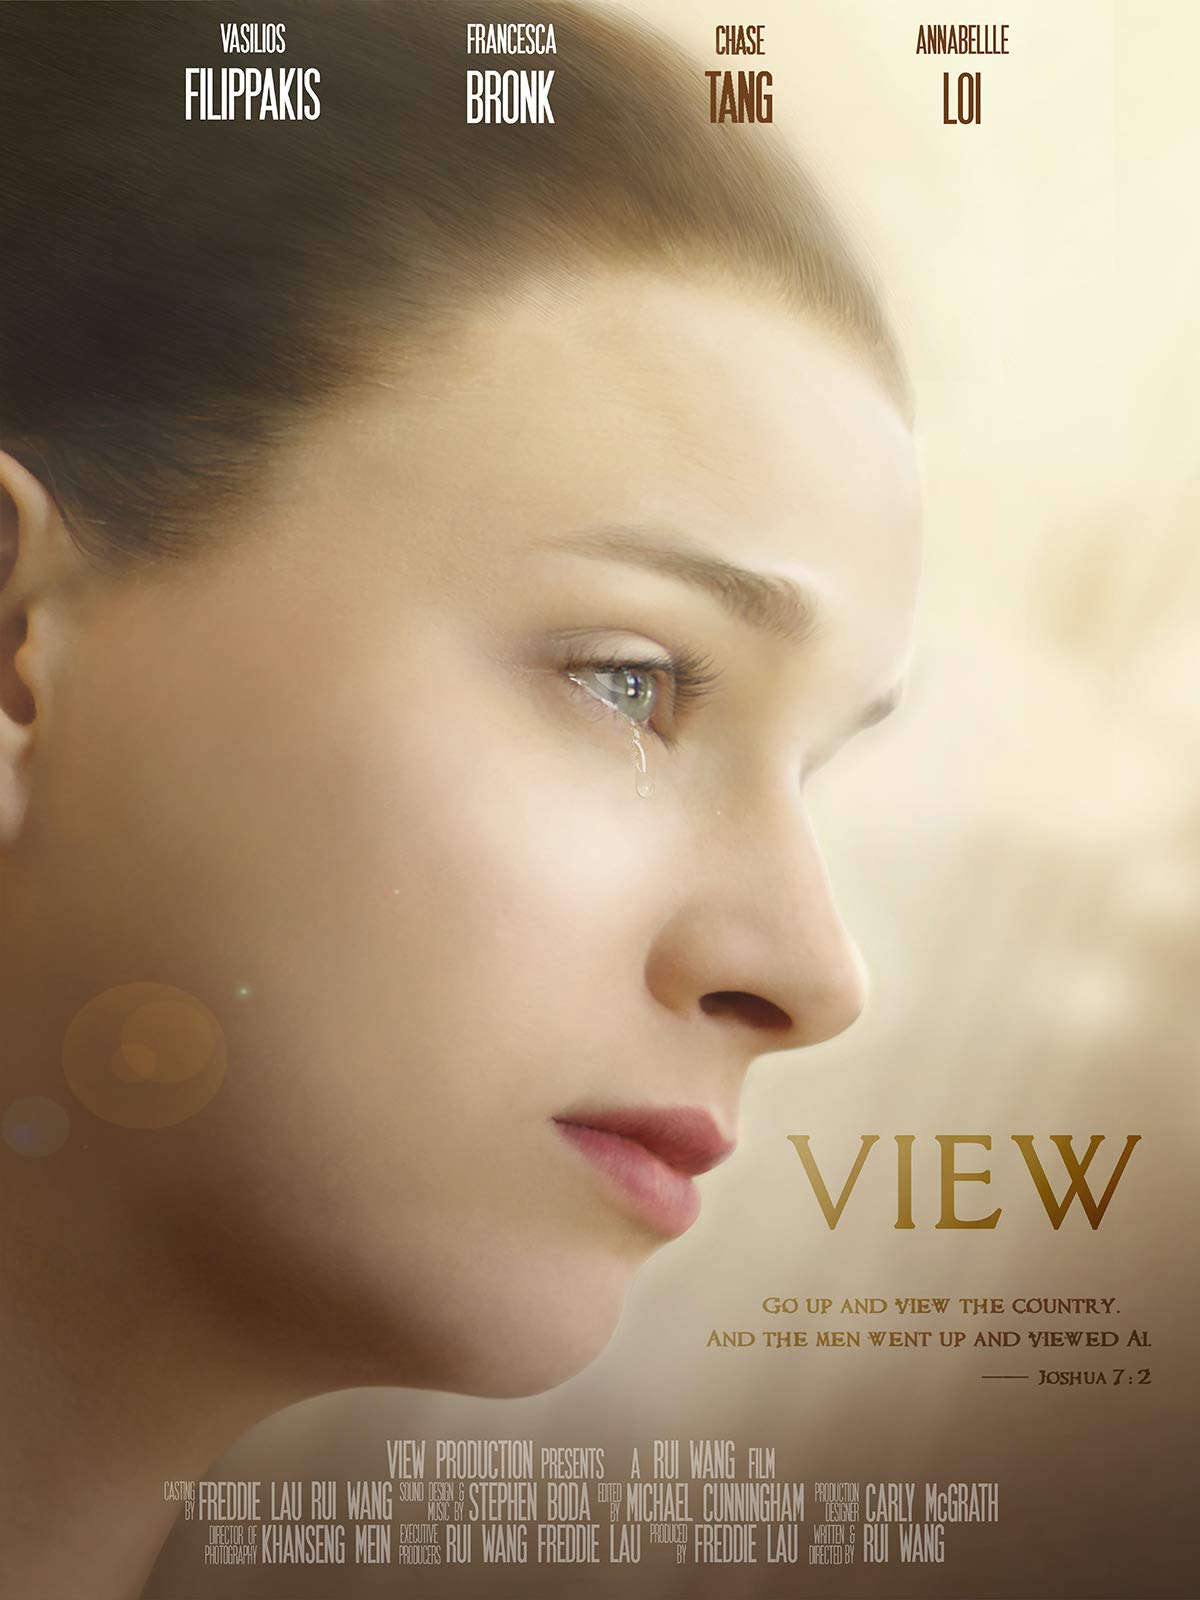 View on Amazon Prime Video UK